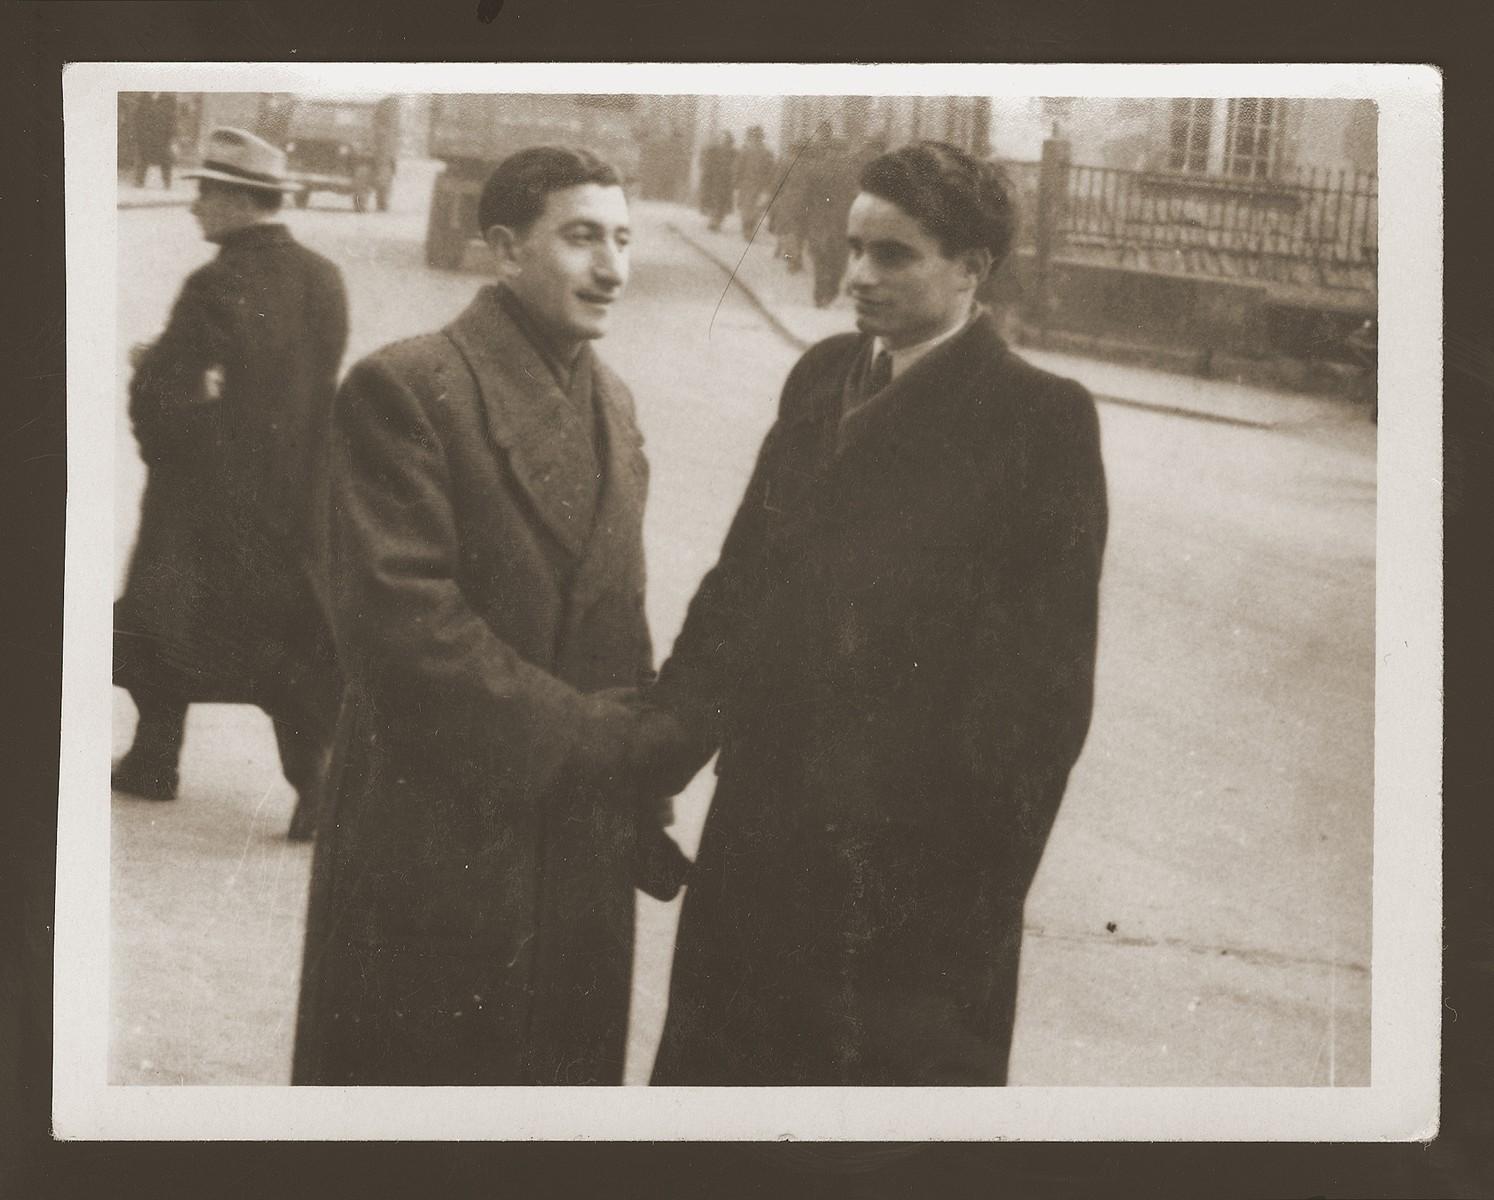 Moniek Rozen shakes hands with a friend in Weiden.